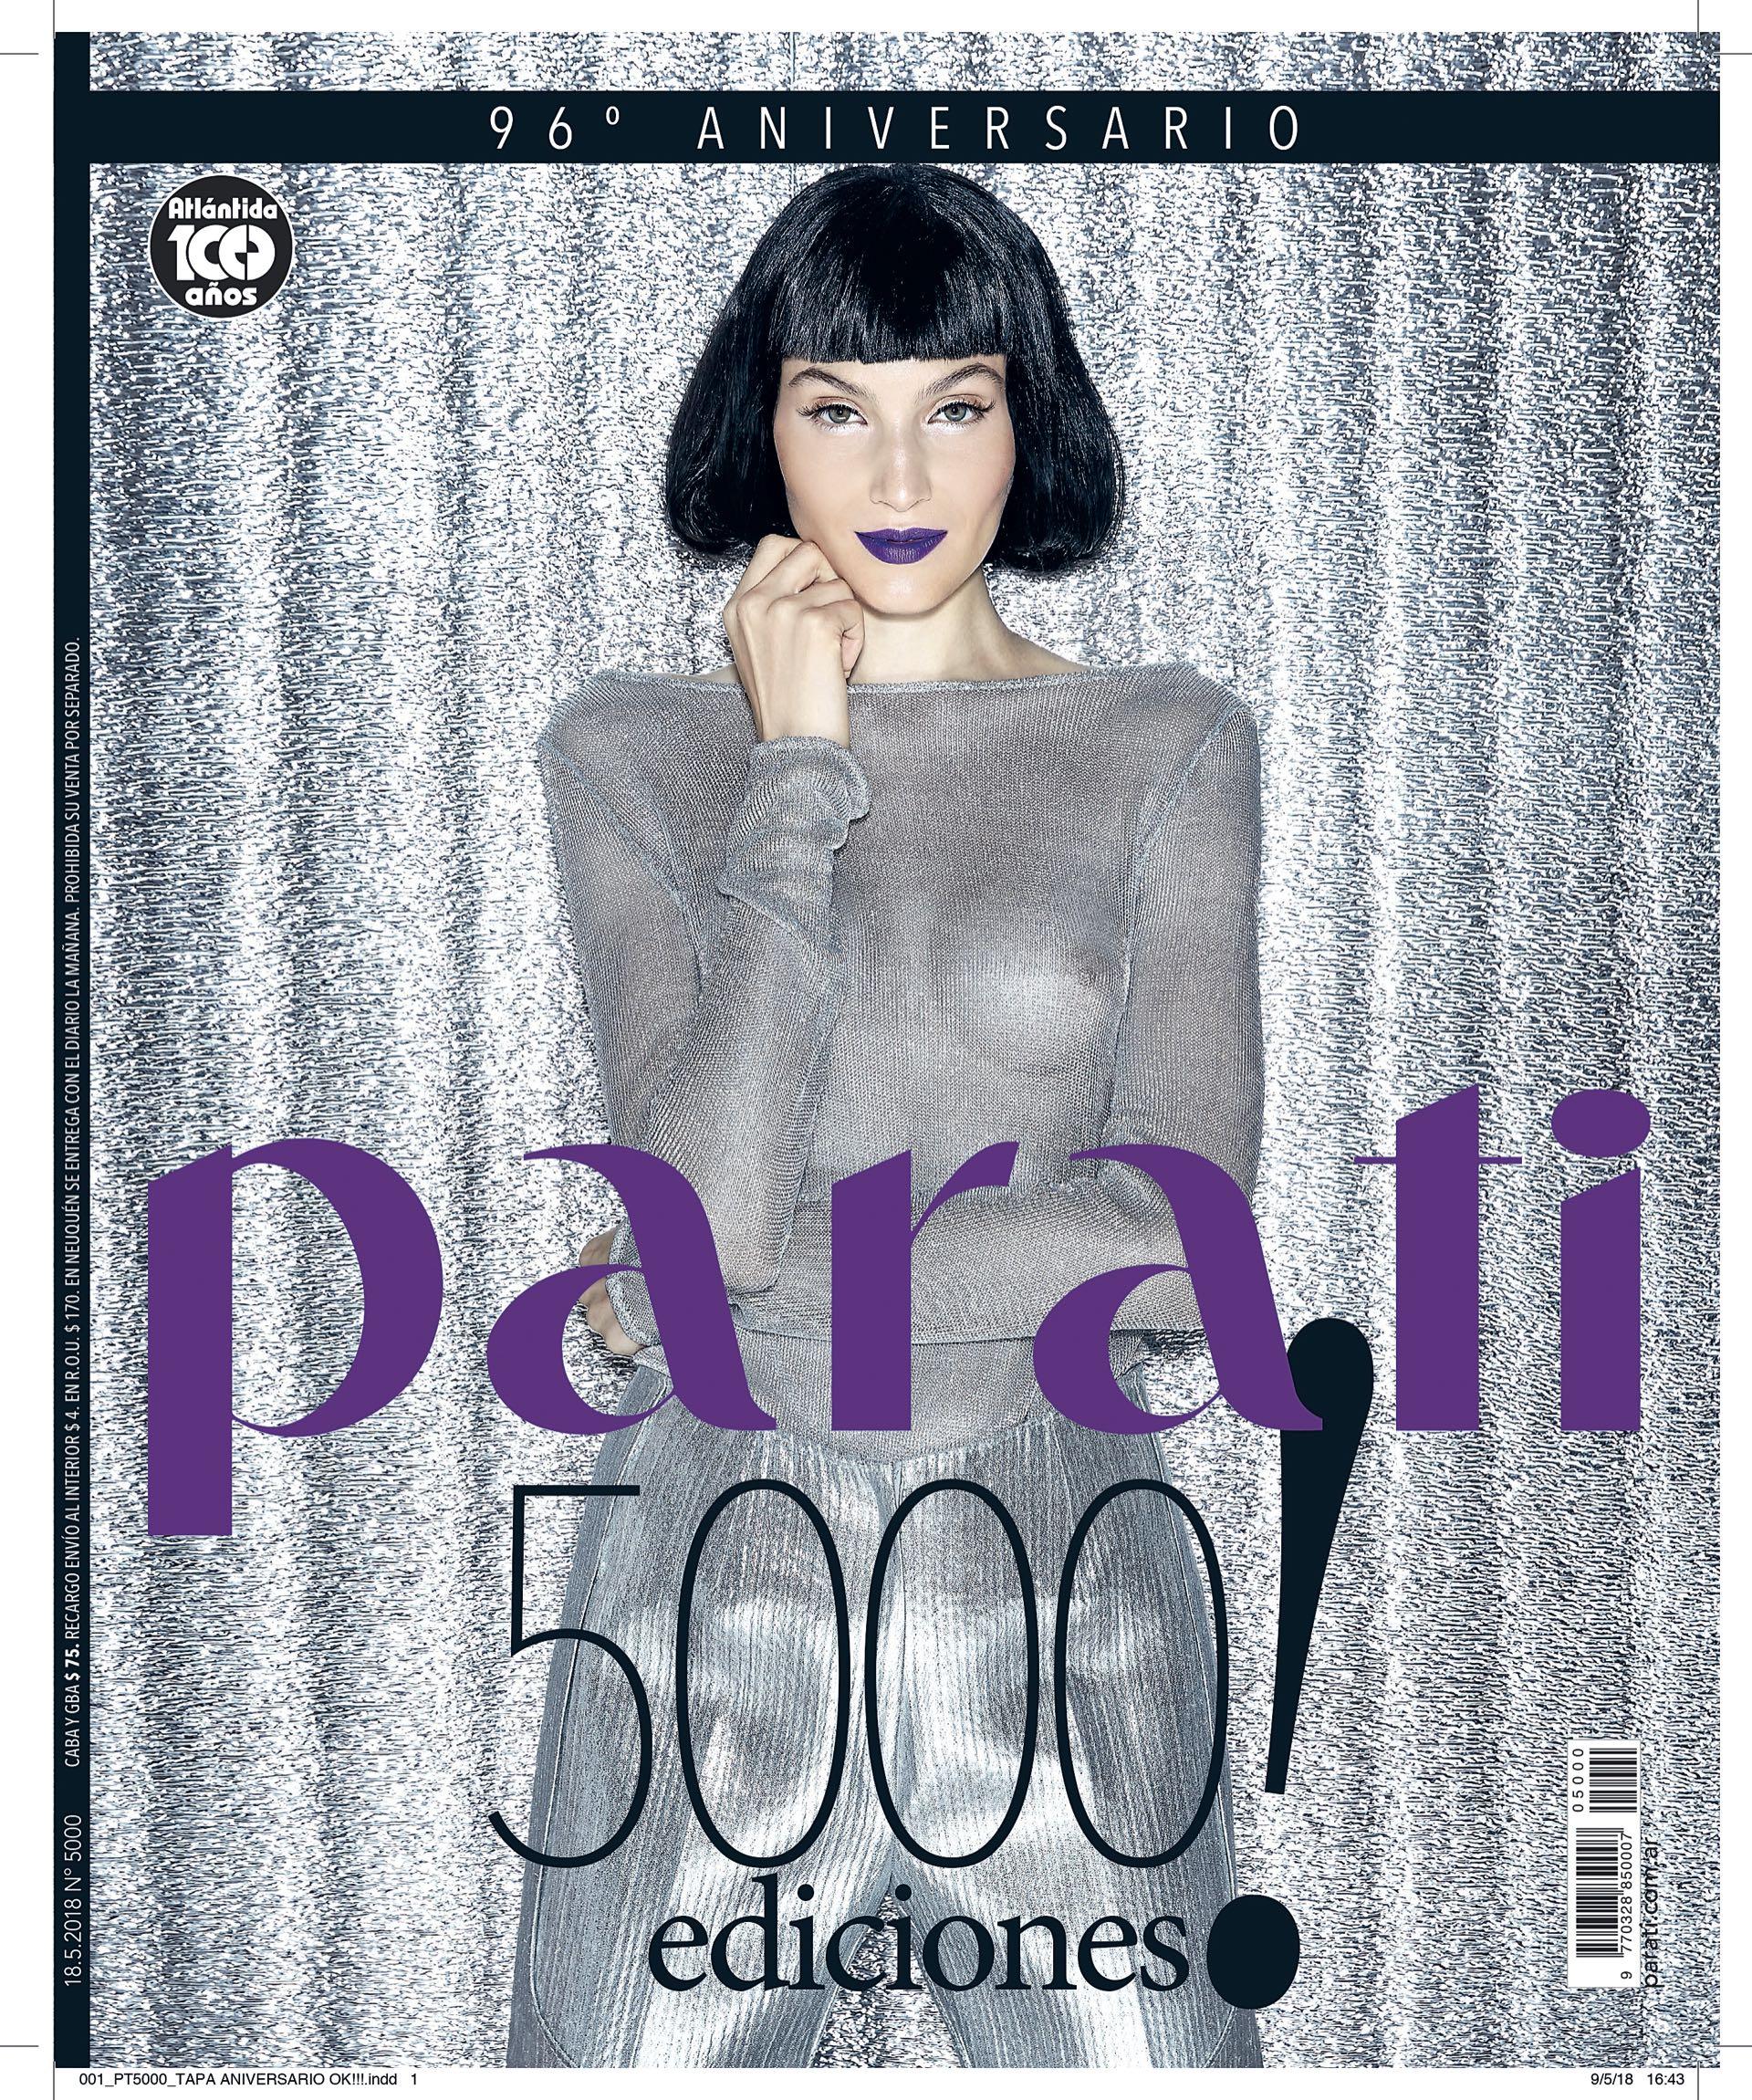 La portada de las 5000 ediciones de Para Ti que estará en la calle desde el jueves 17 de mayo.